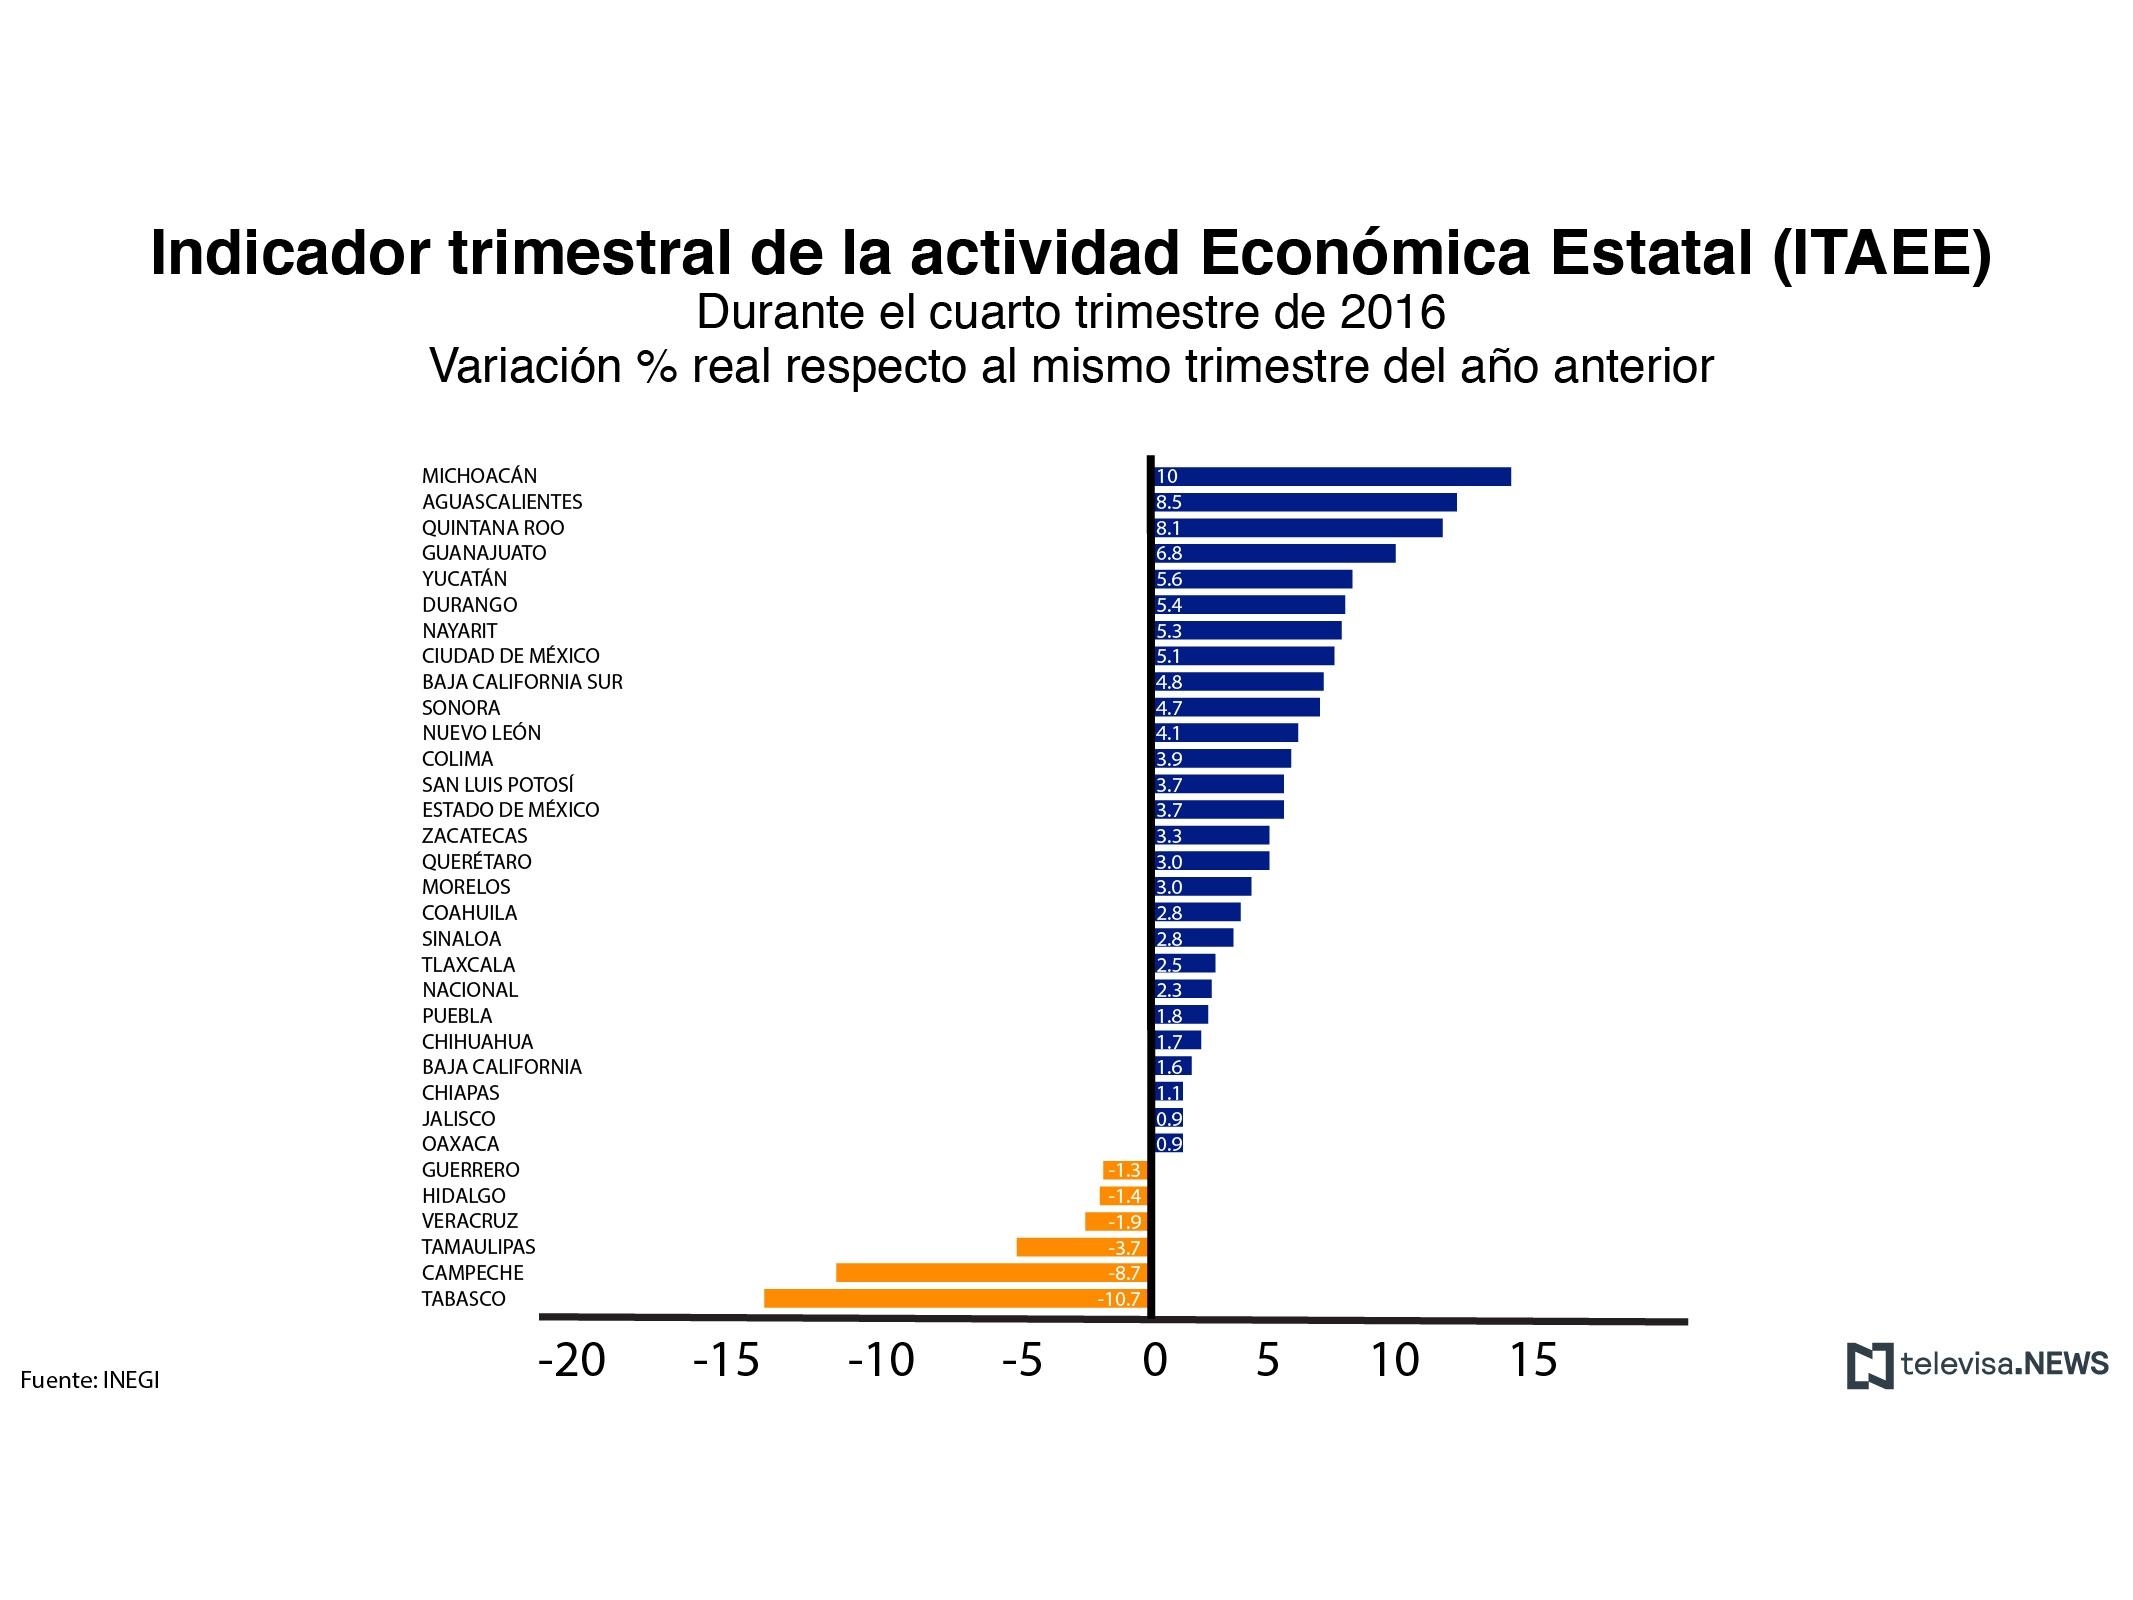 Puebla, entre los cinco estados con menor crecimiento económico